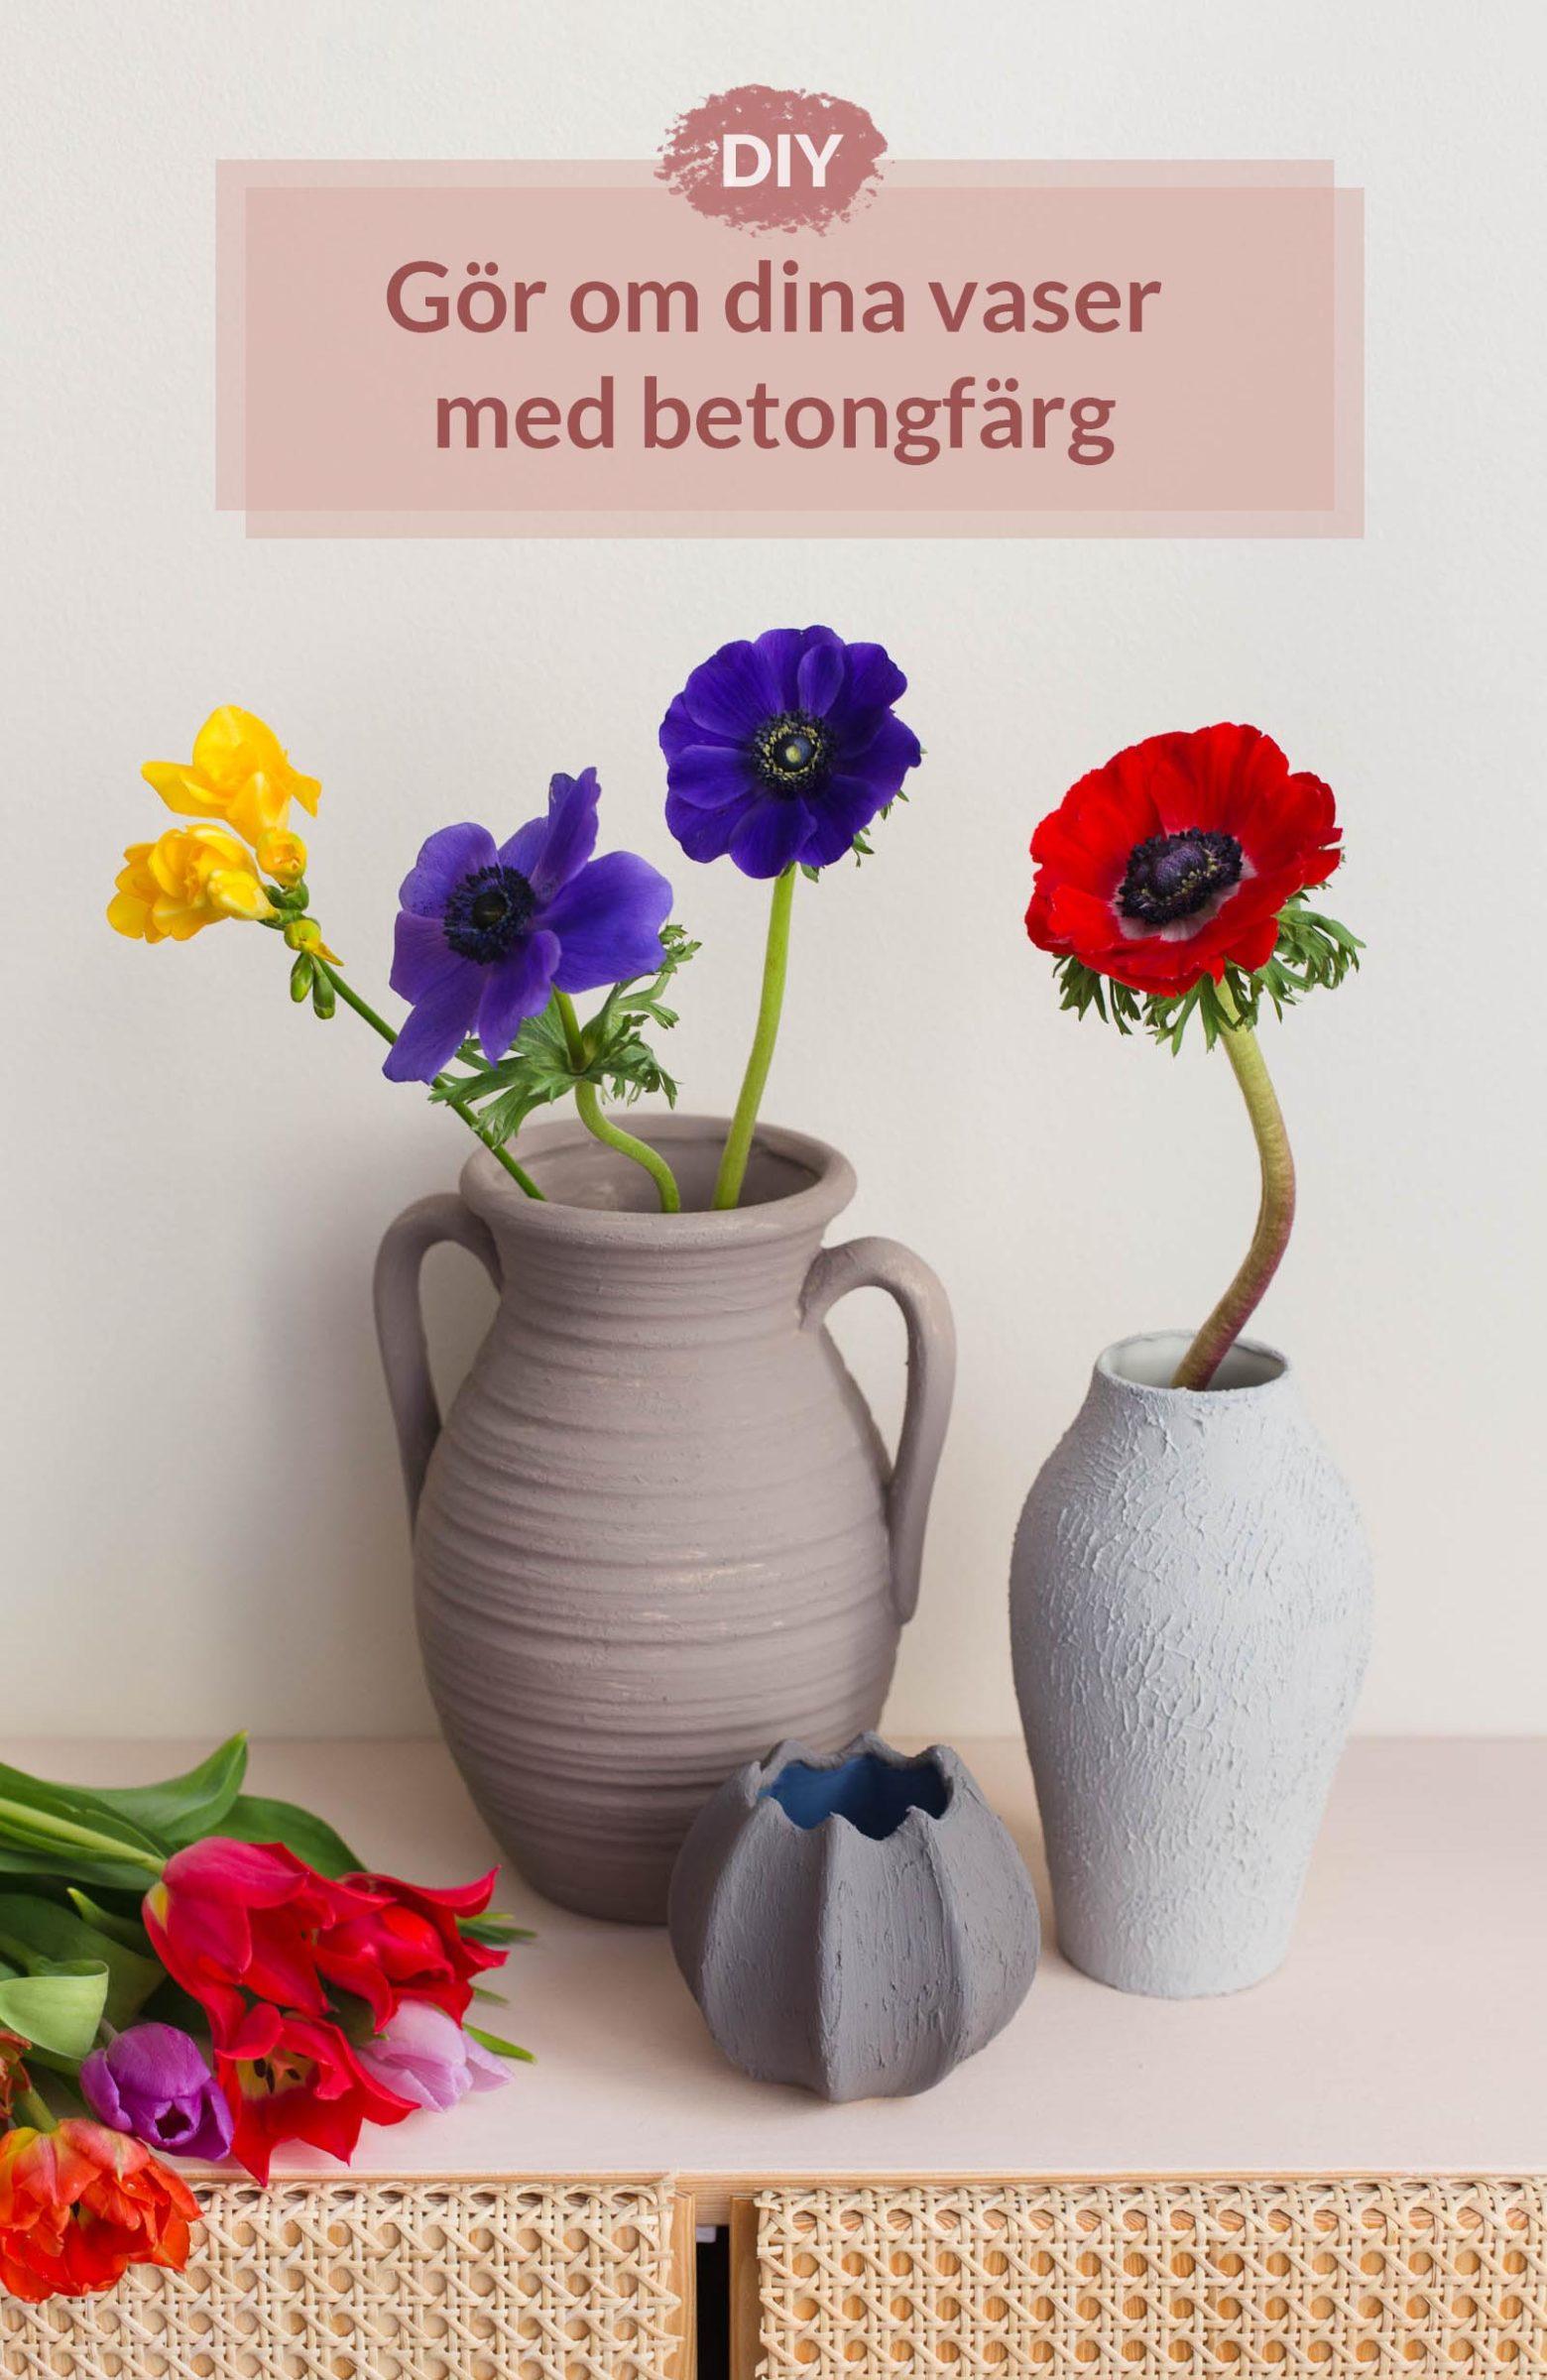 DIY - Gör om en vas med betongfärg